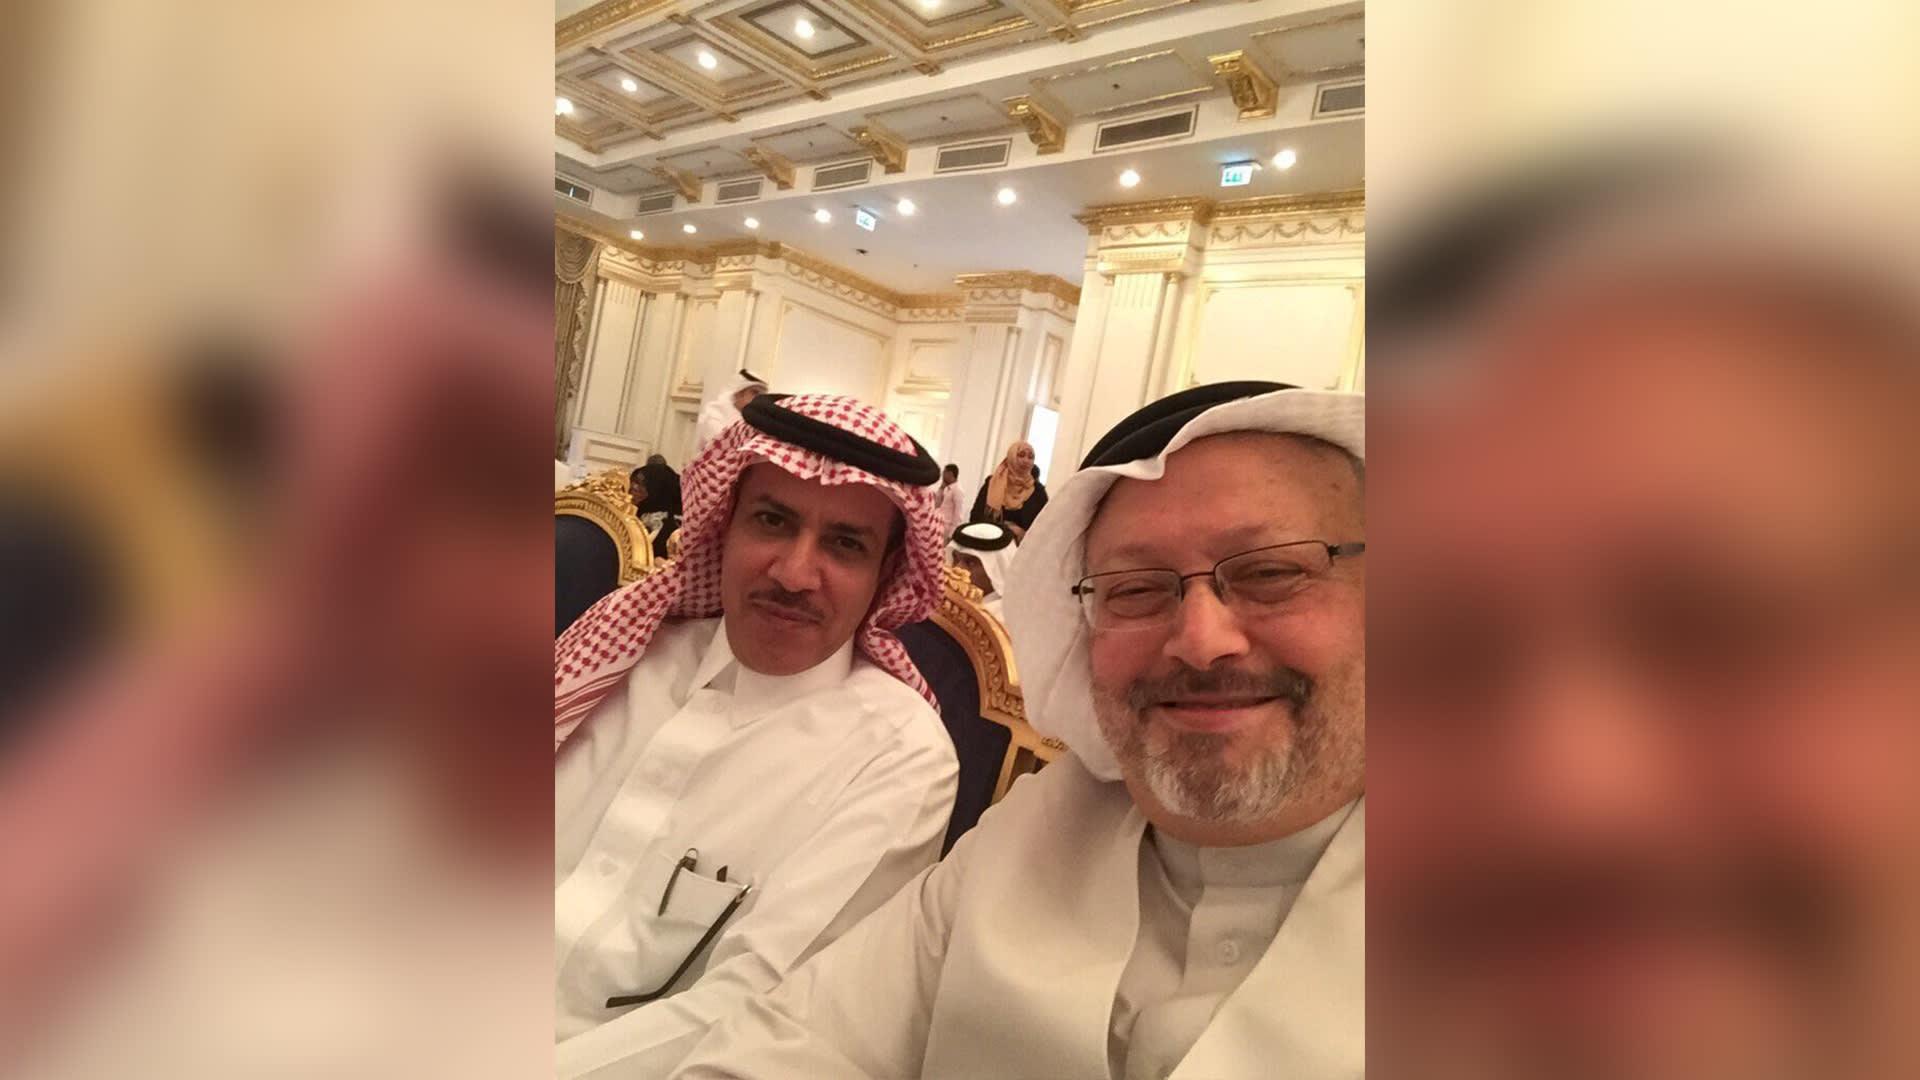 """وفاة الكاتب السعودي صالح الشيحي بعد شهرين من إطلاق سراحه.. ومعارضون يشبهونه بـ""""خاشقجي"""""""